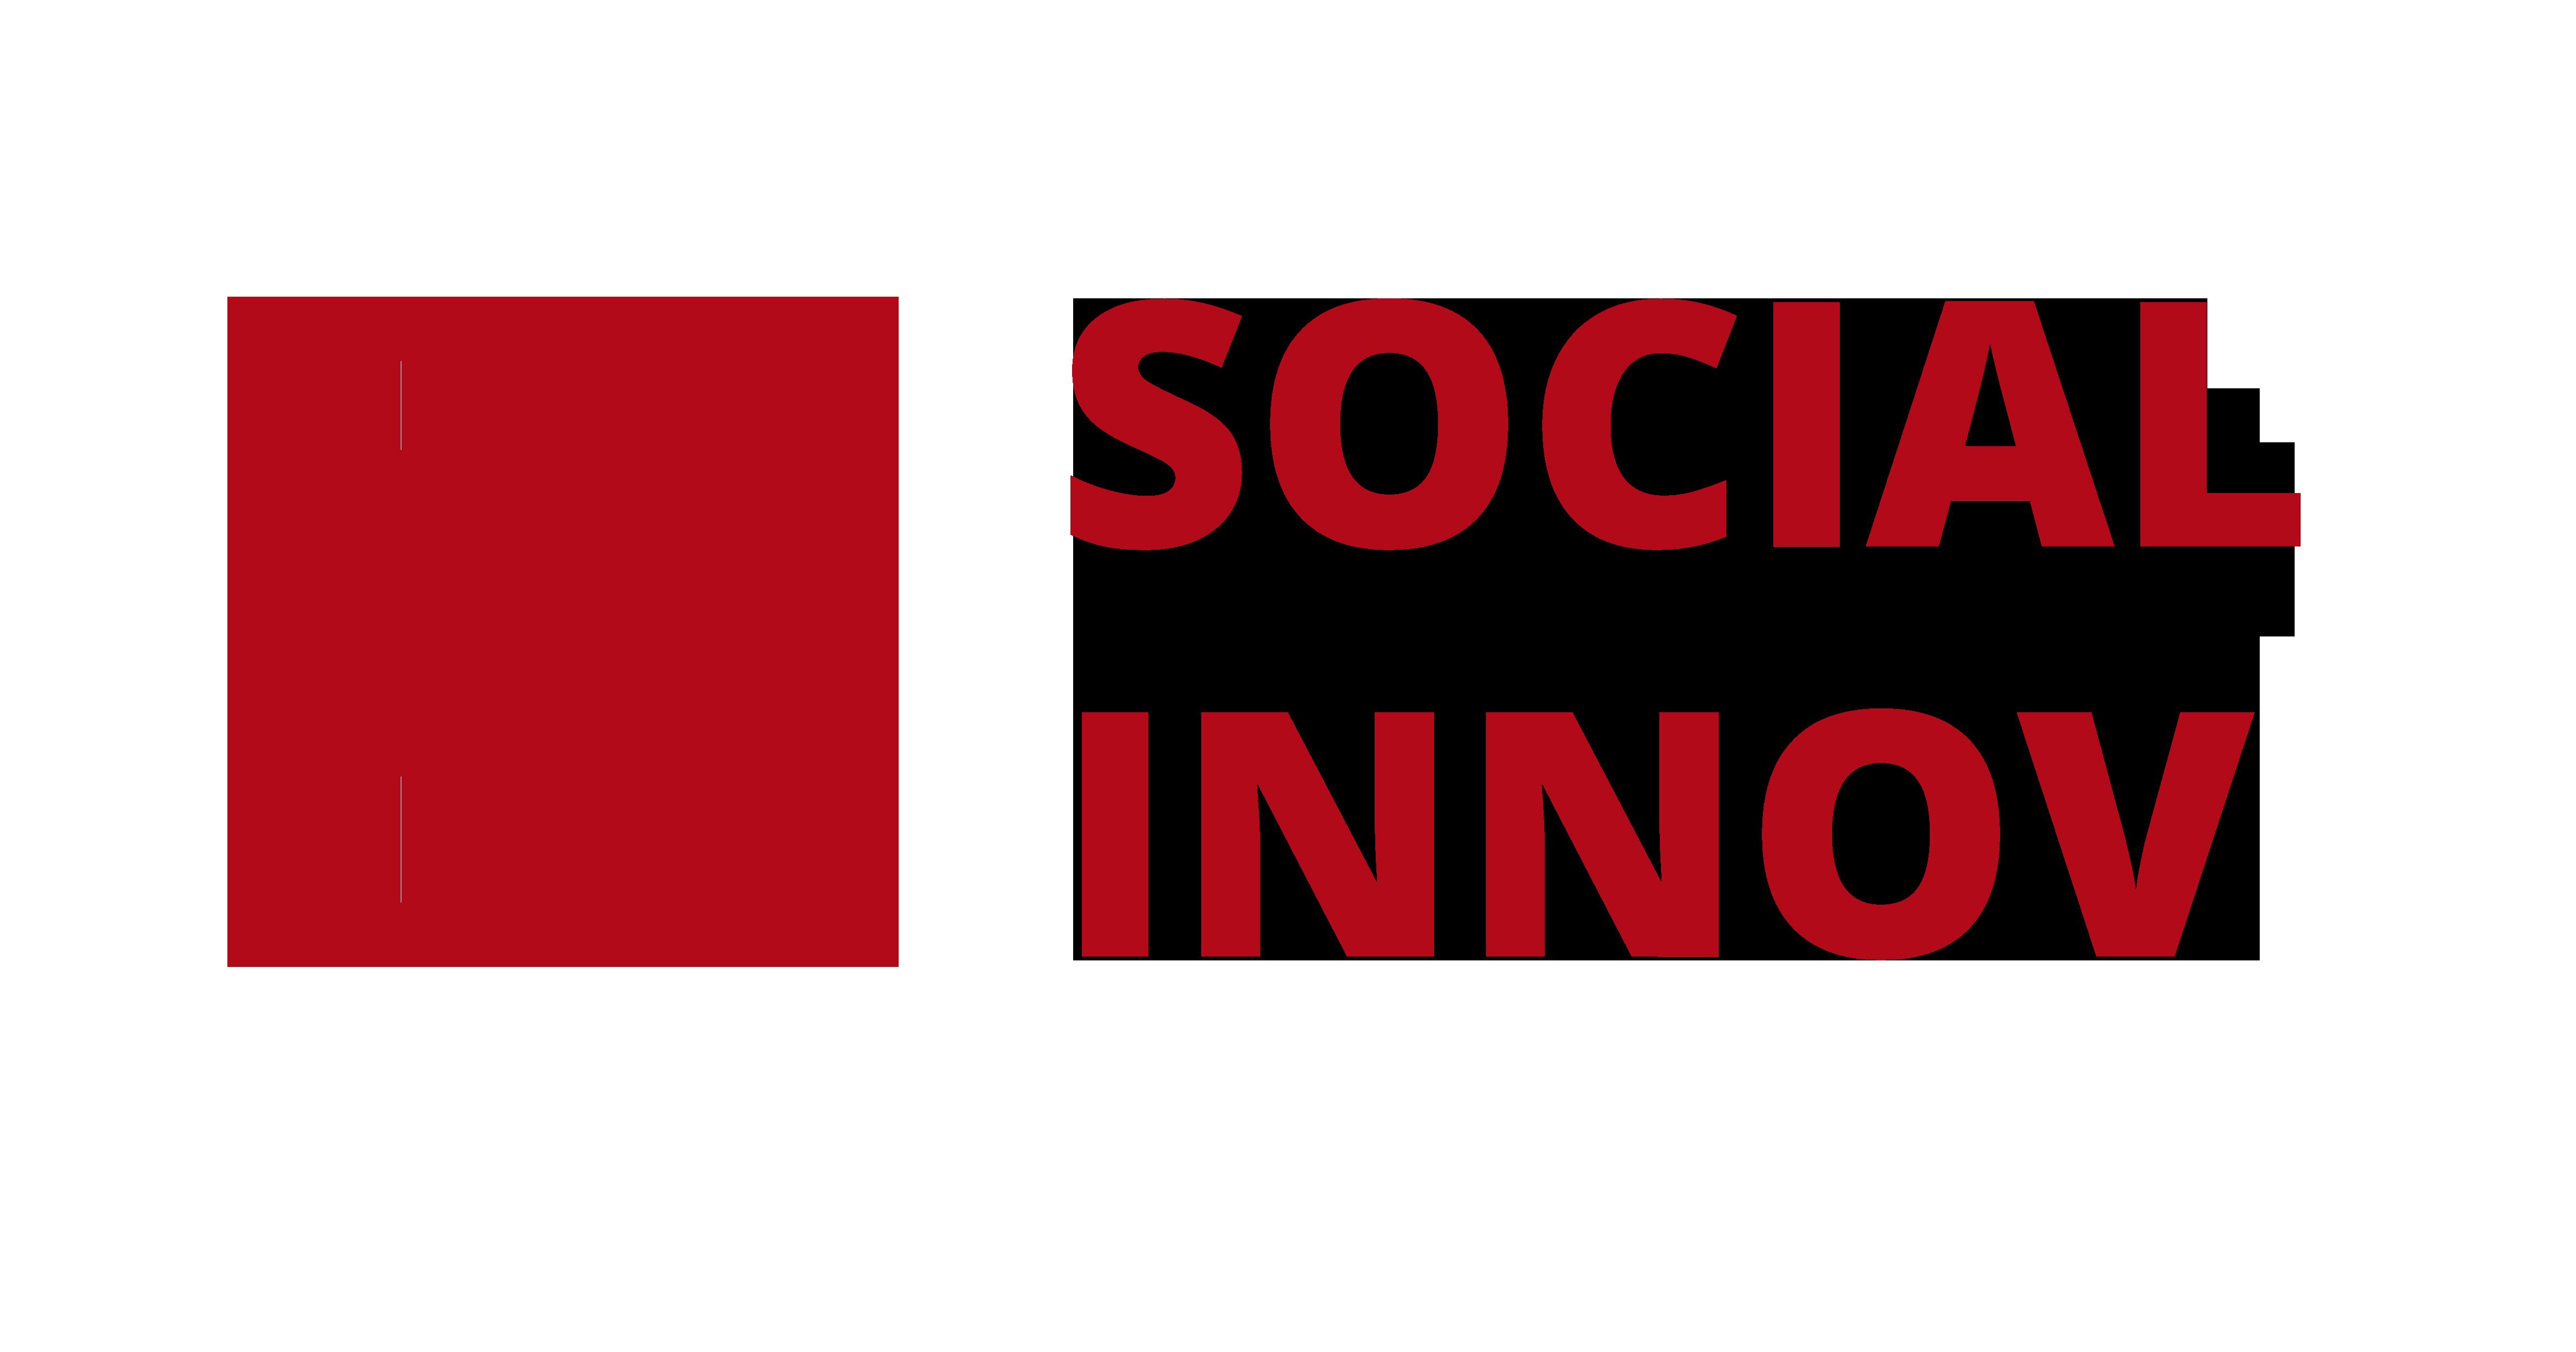 Social Innov